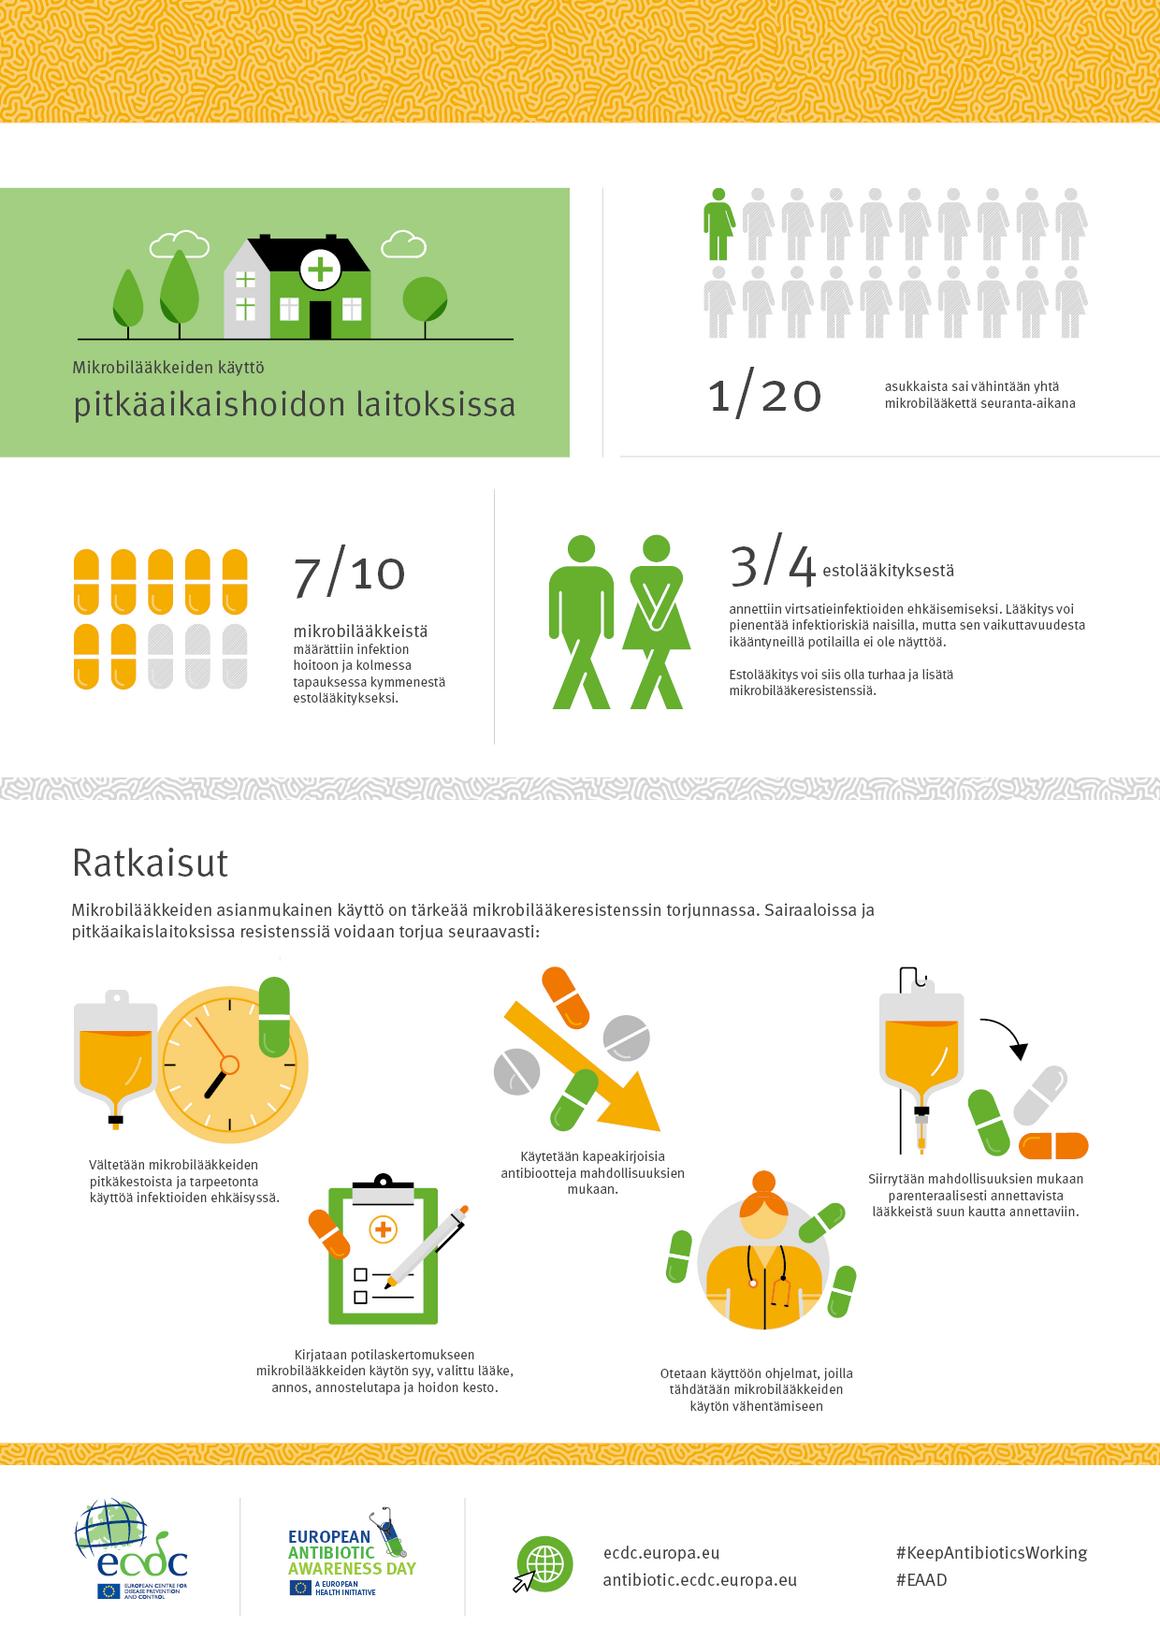 Mikrobilääkkeiden käyttö pitkäaikaishoidon laitoksissa